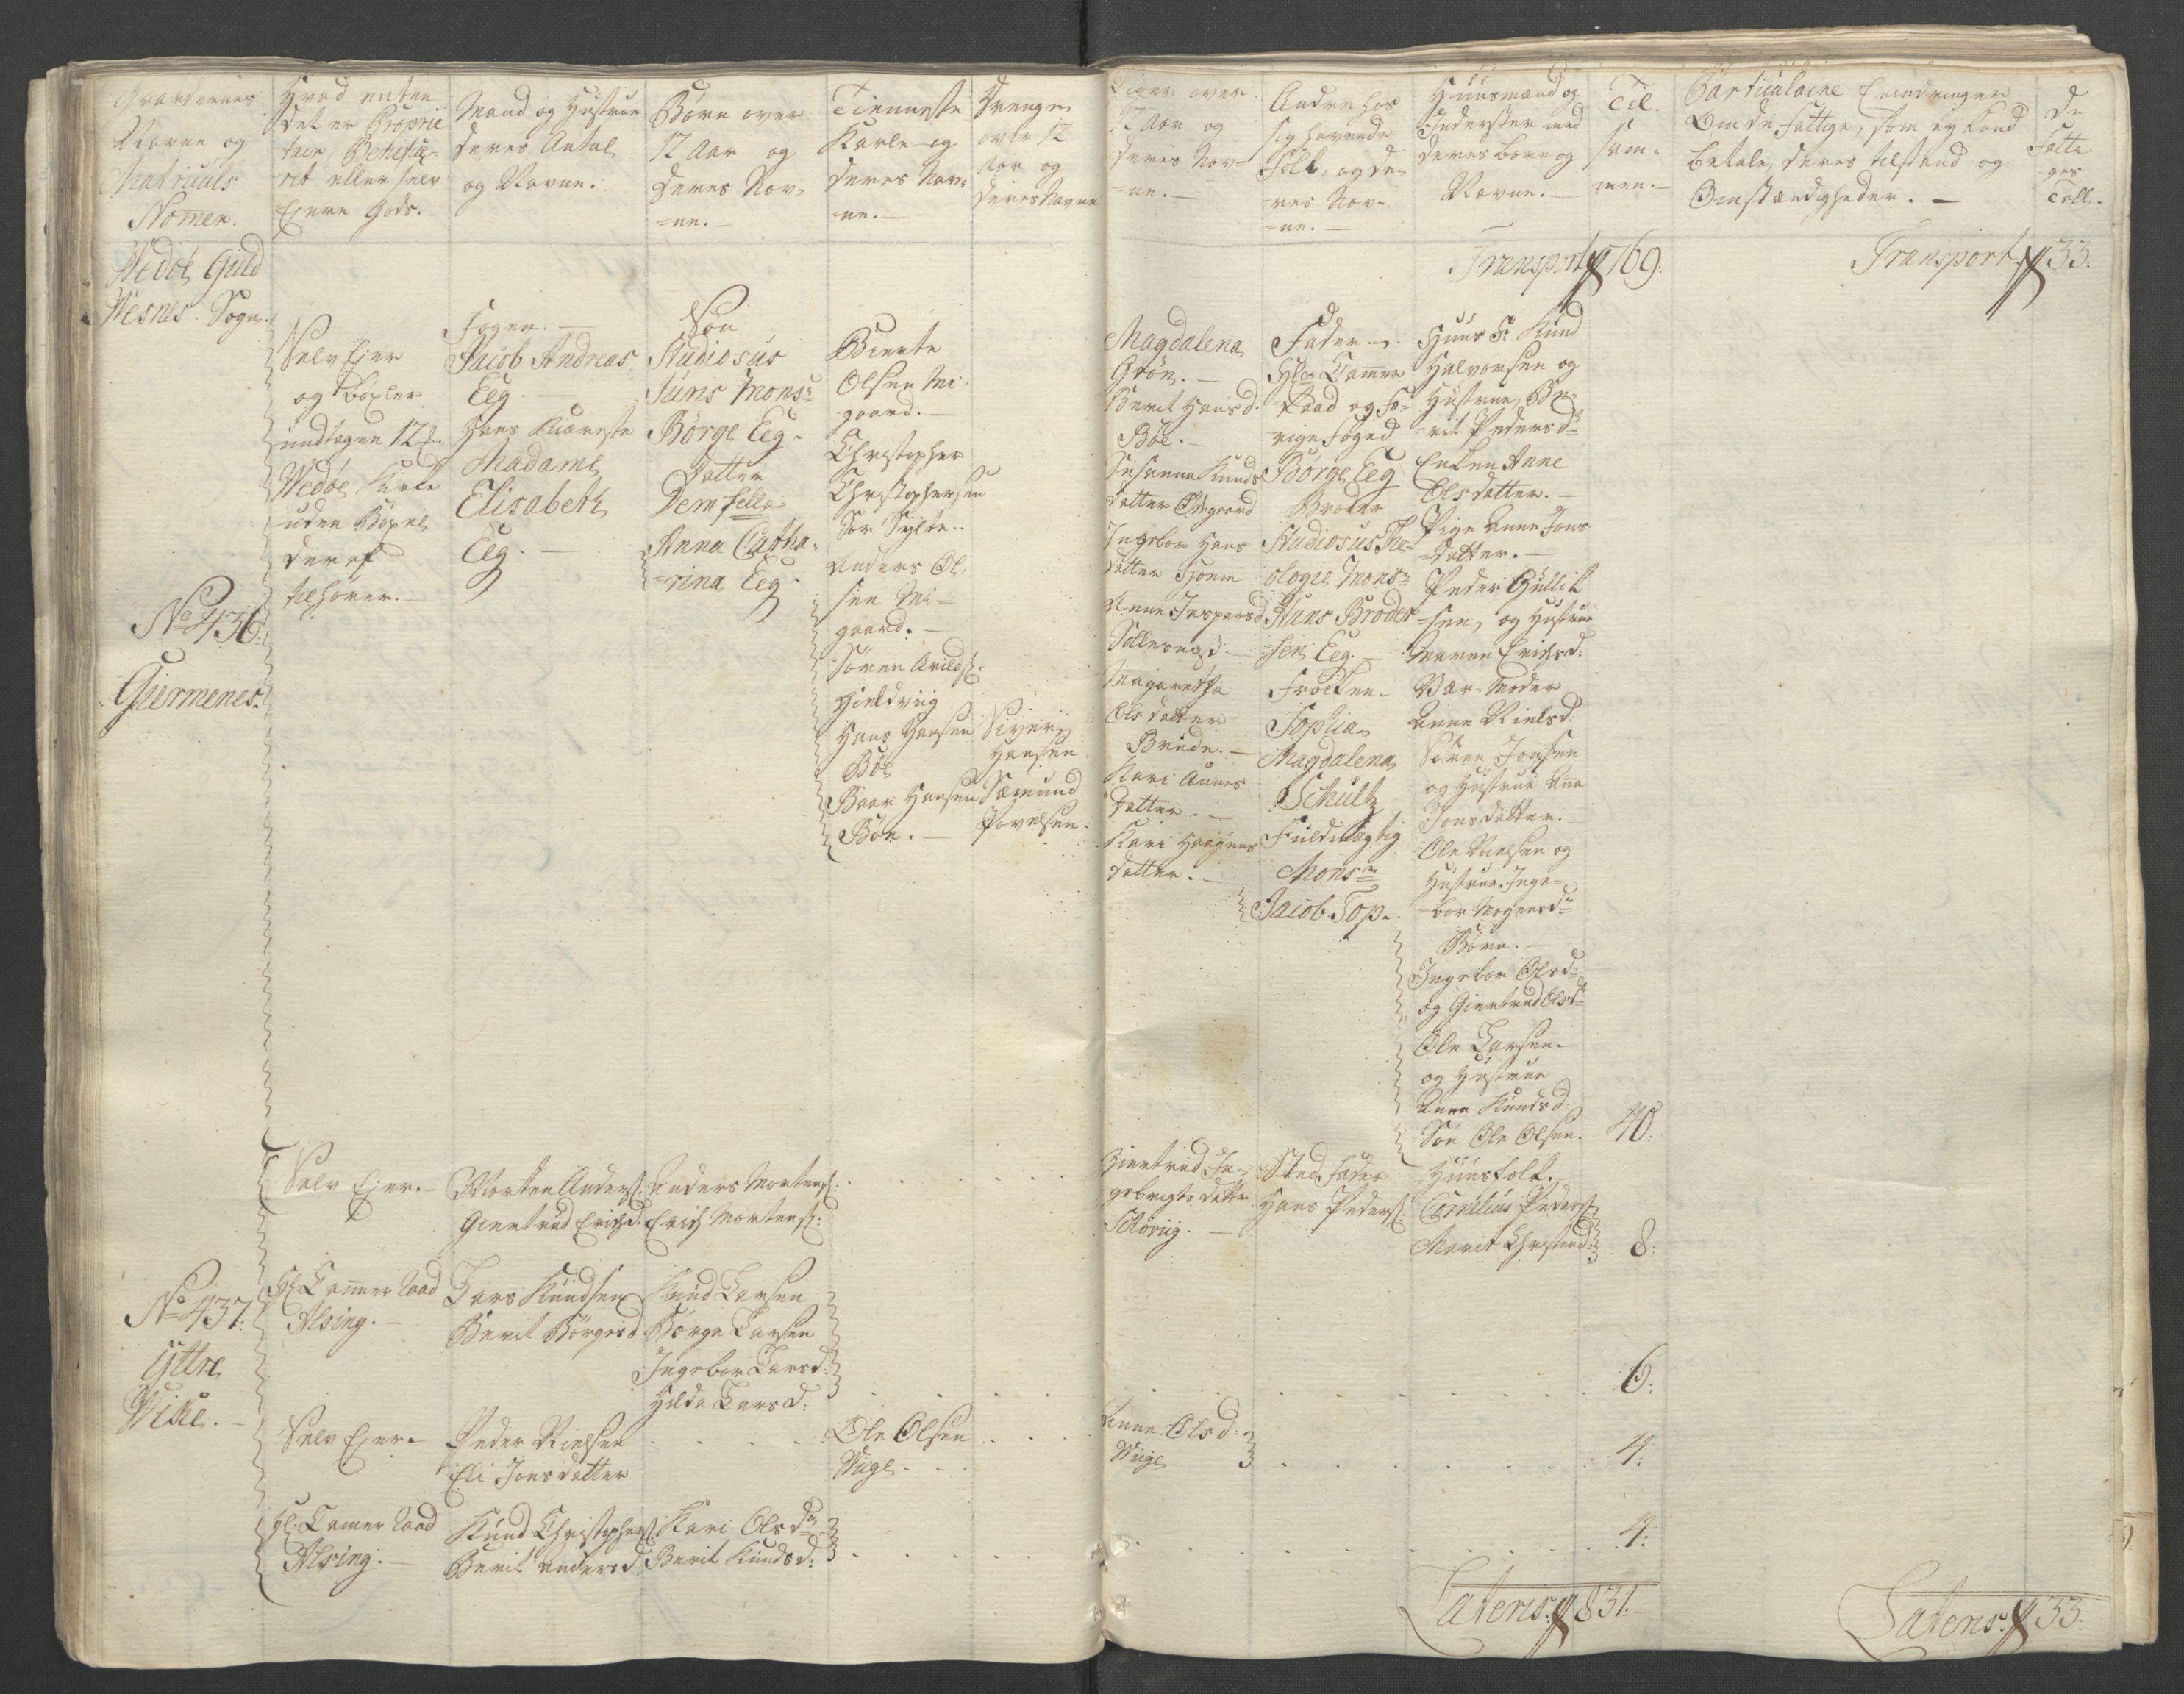 RA, Rentekammeret inntil 1814, Reviderte regnskaper, Fogderegnskap, R55/L3730: Ekstraskatten Romsdal, 1762-1763, s. 90